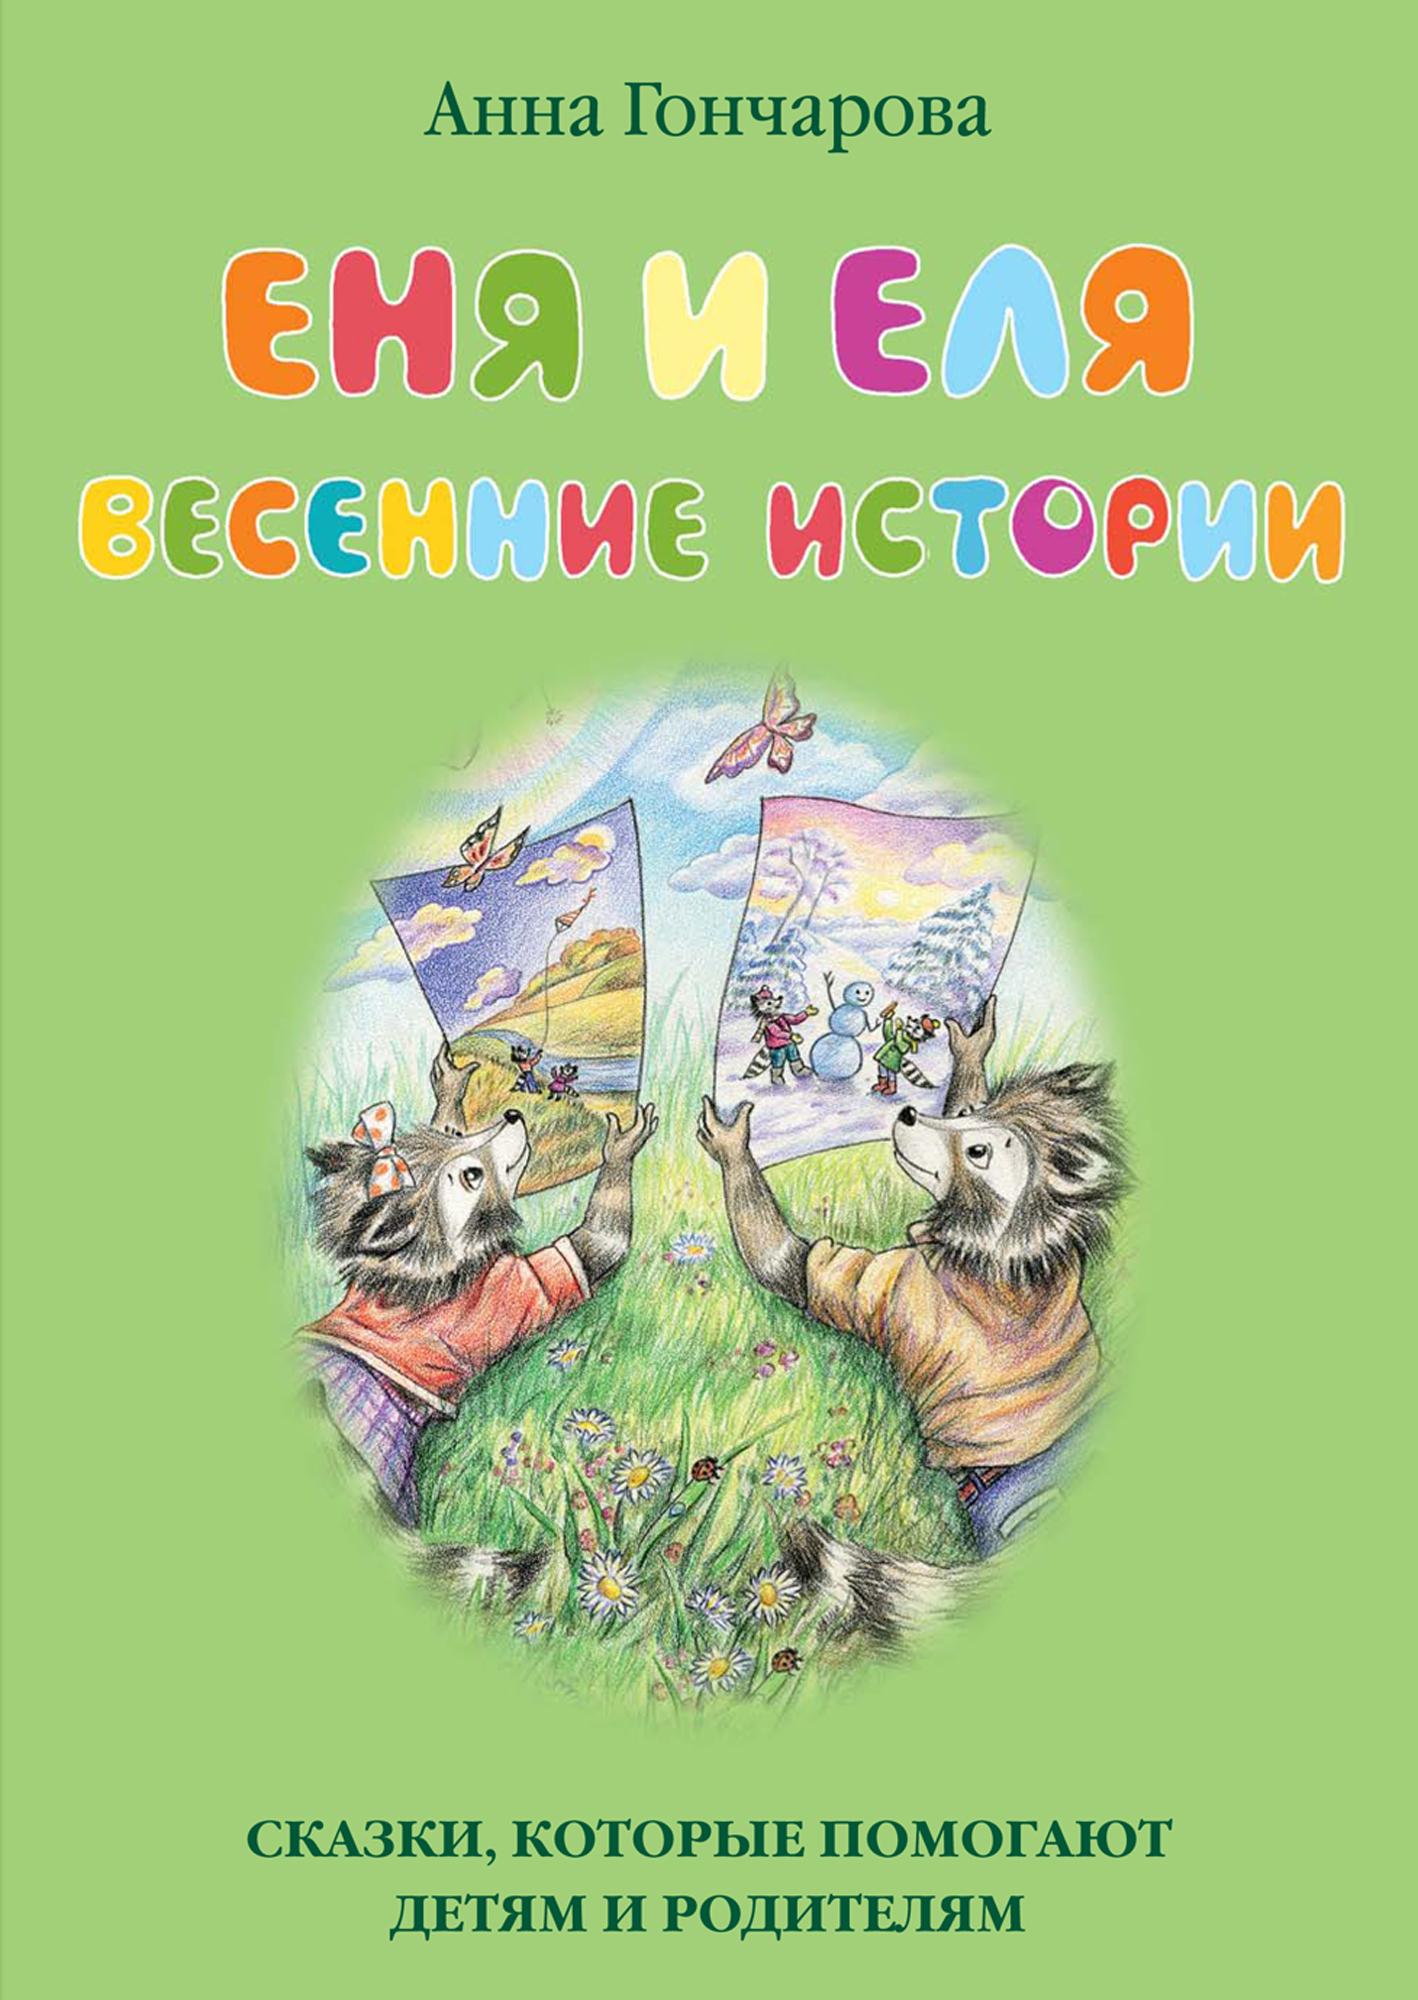 Анна Гончарова Еня и Еля. Весенние истории анна гончарова еня и еля весенние истории